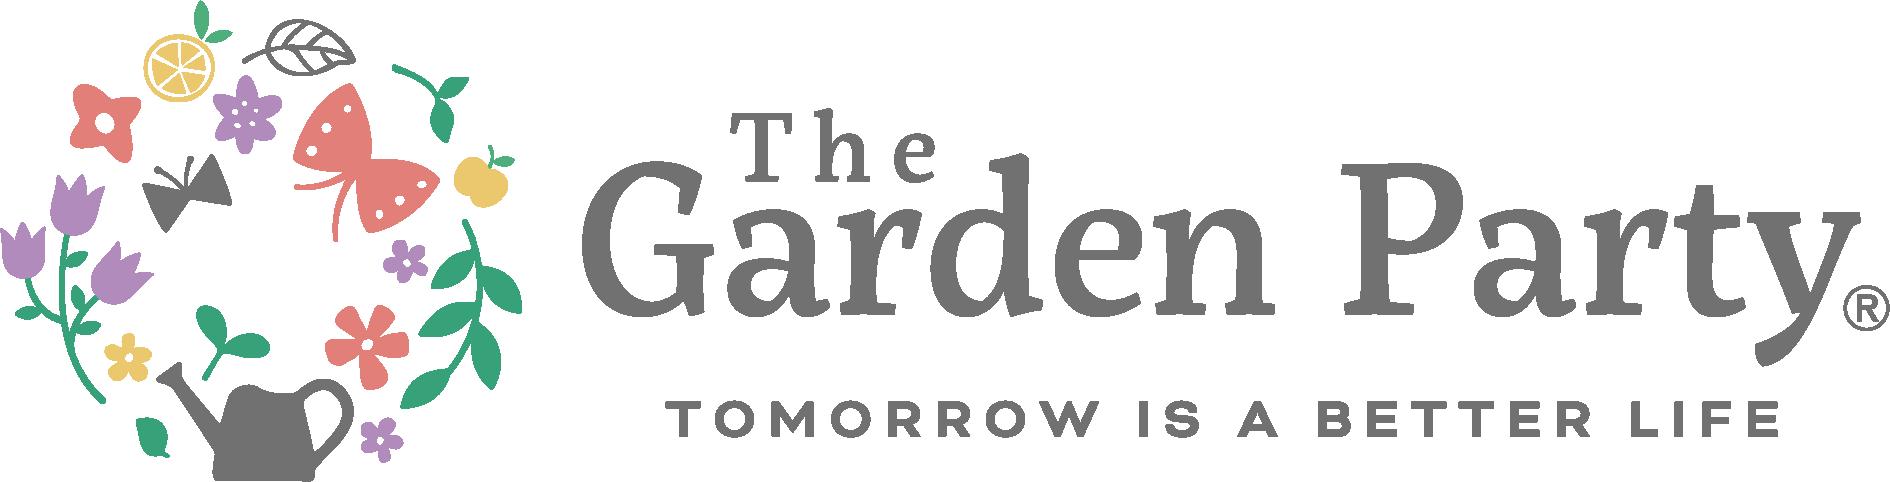 ガーデンパーティロゴ